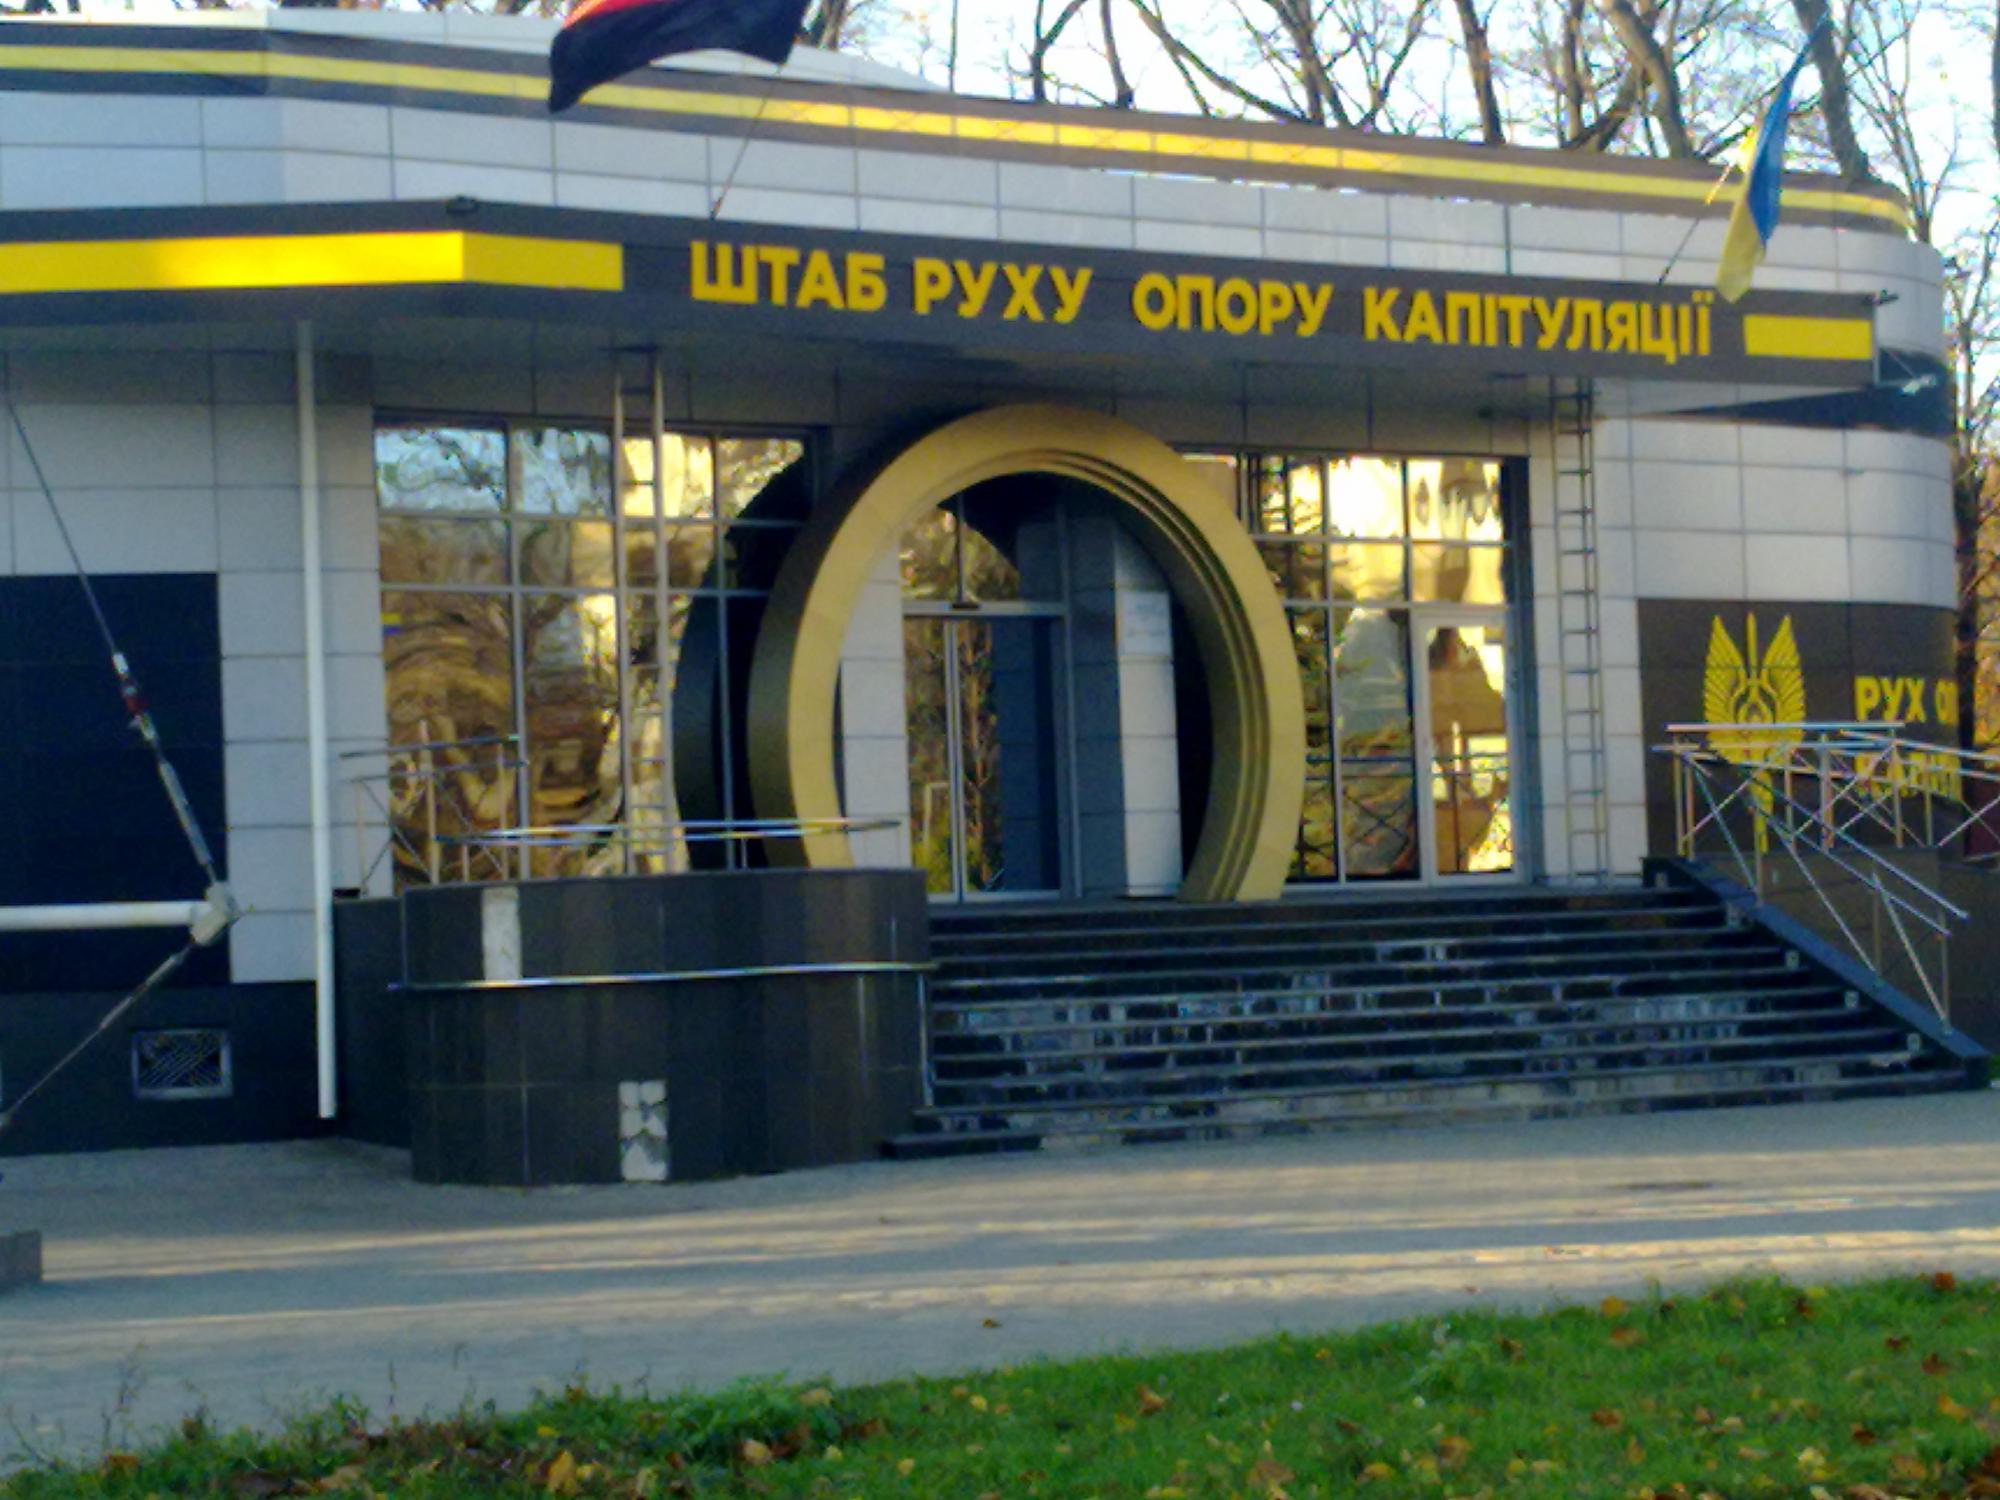 Размышления о нынешних настроениях скакуасов на украине. С фото. (Сергей Чернышев)